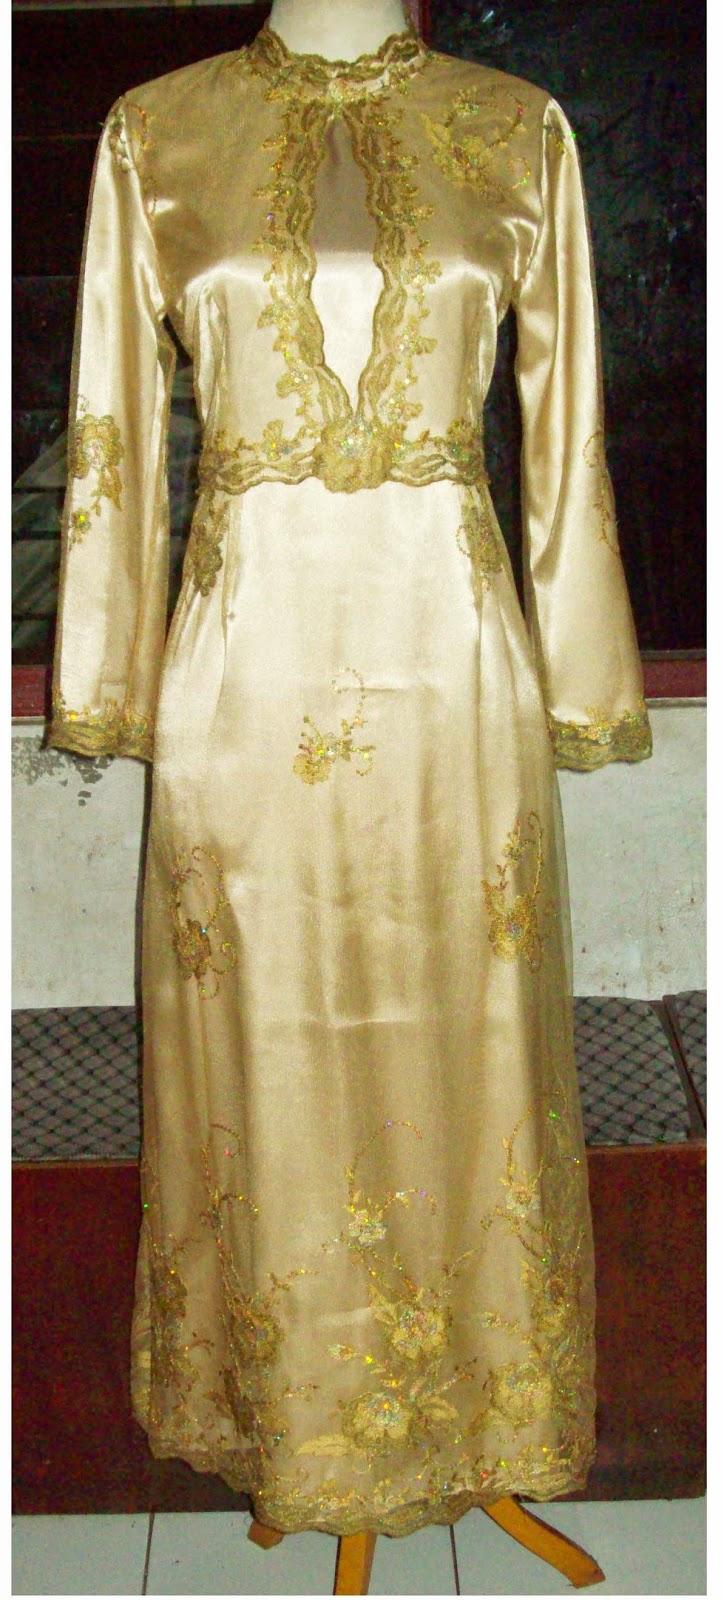 Kumpulan Foto Model Baju Kebaya Gamis - Trend Baju Kebaya